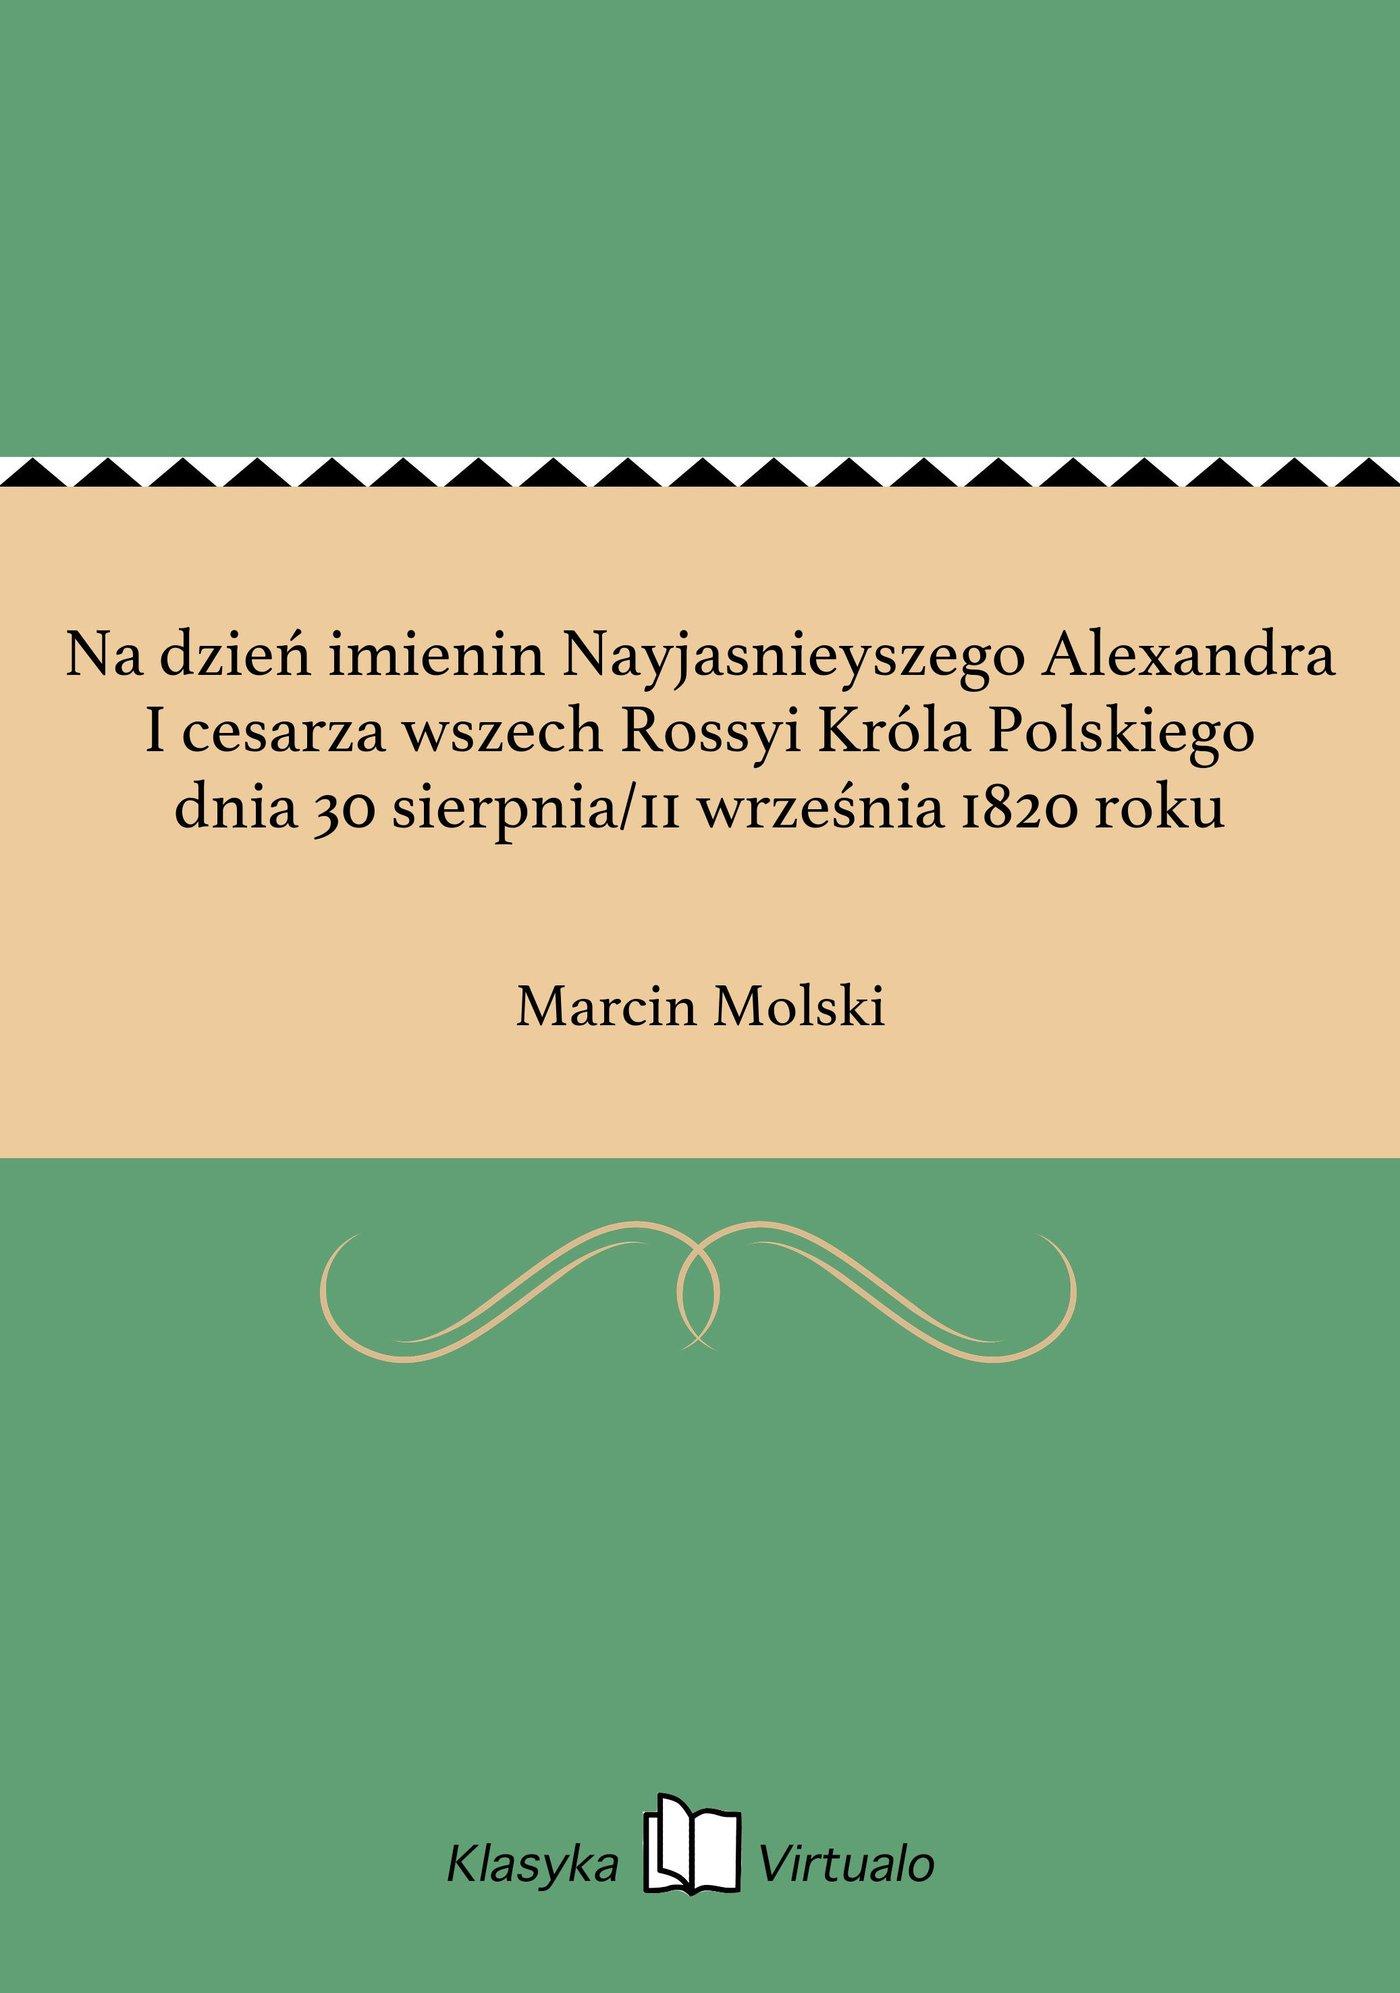 Na dzień imienin Nayjasnieyszego Alexandra I cesarza wszech Rossyi Króla Polskiego dnia 30 sierpnia/11 września 1820 roku - Ebook (Książka EPUB) do pobrania w formacie EPUB